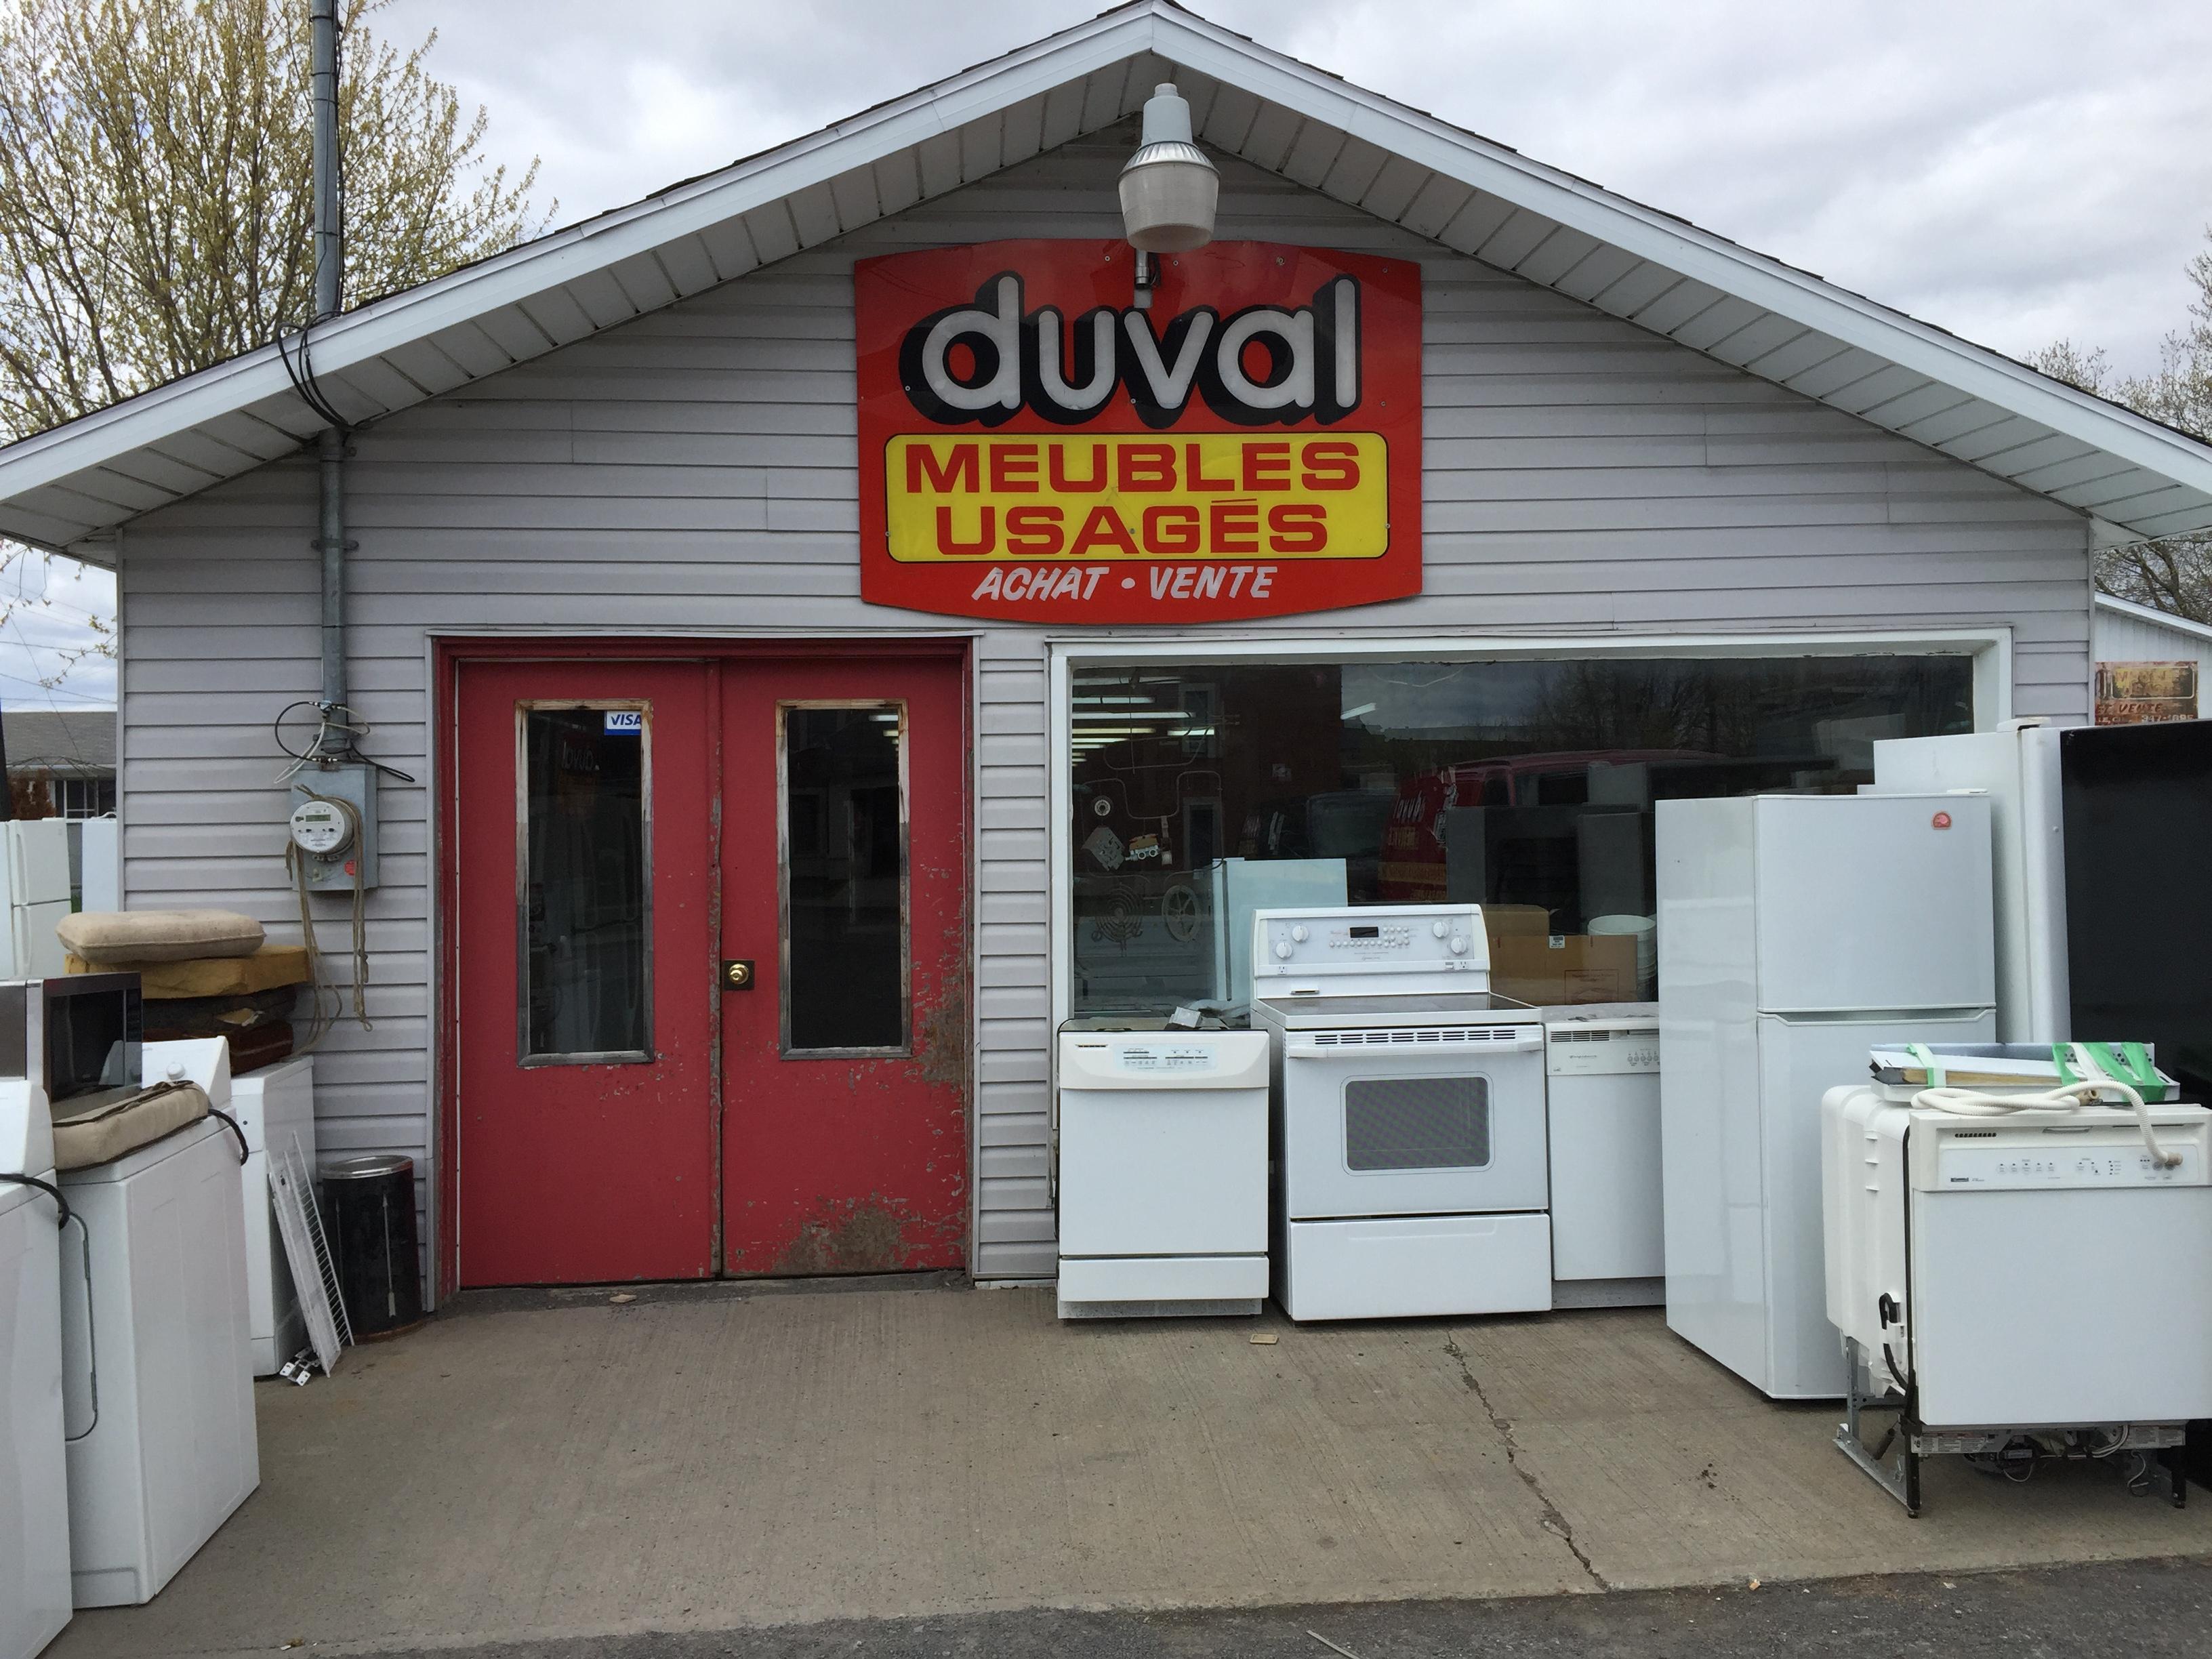 Duval meubles usages enr saint jean sur richelieu qc for Meuble usager montreal